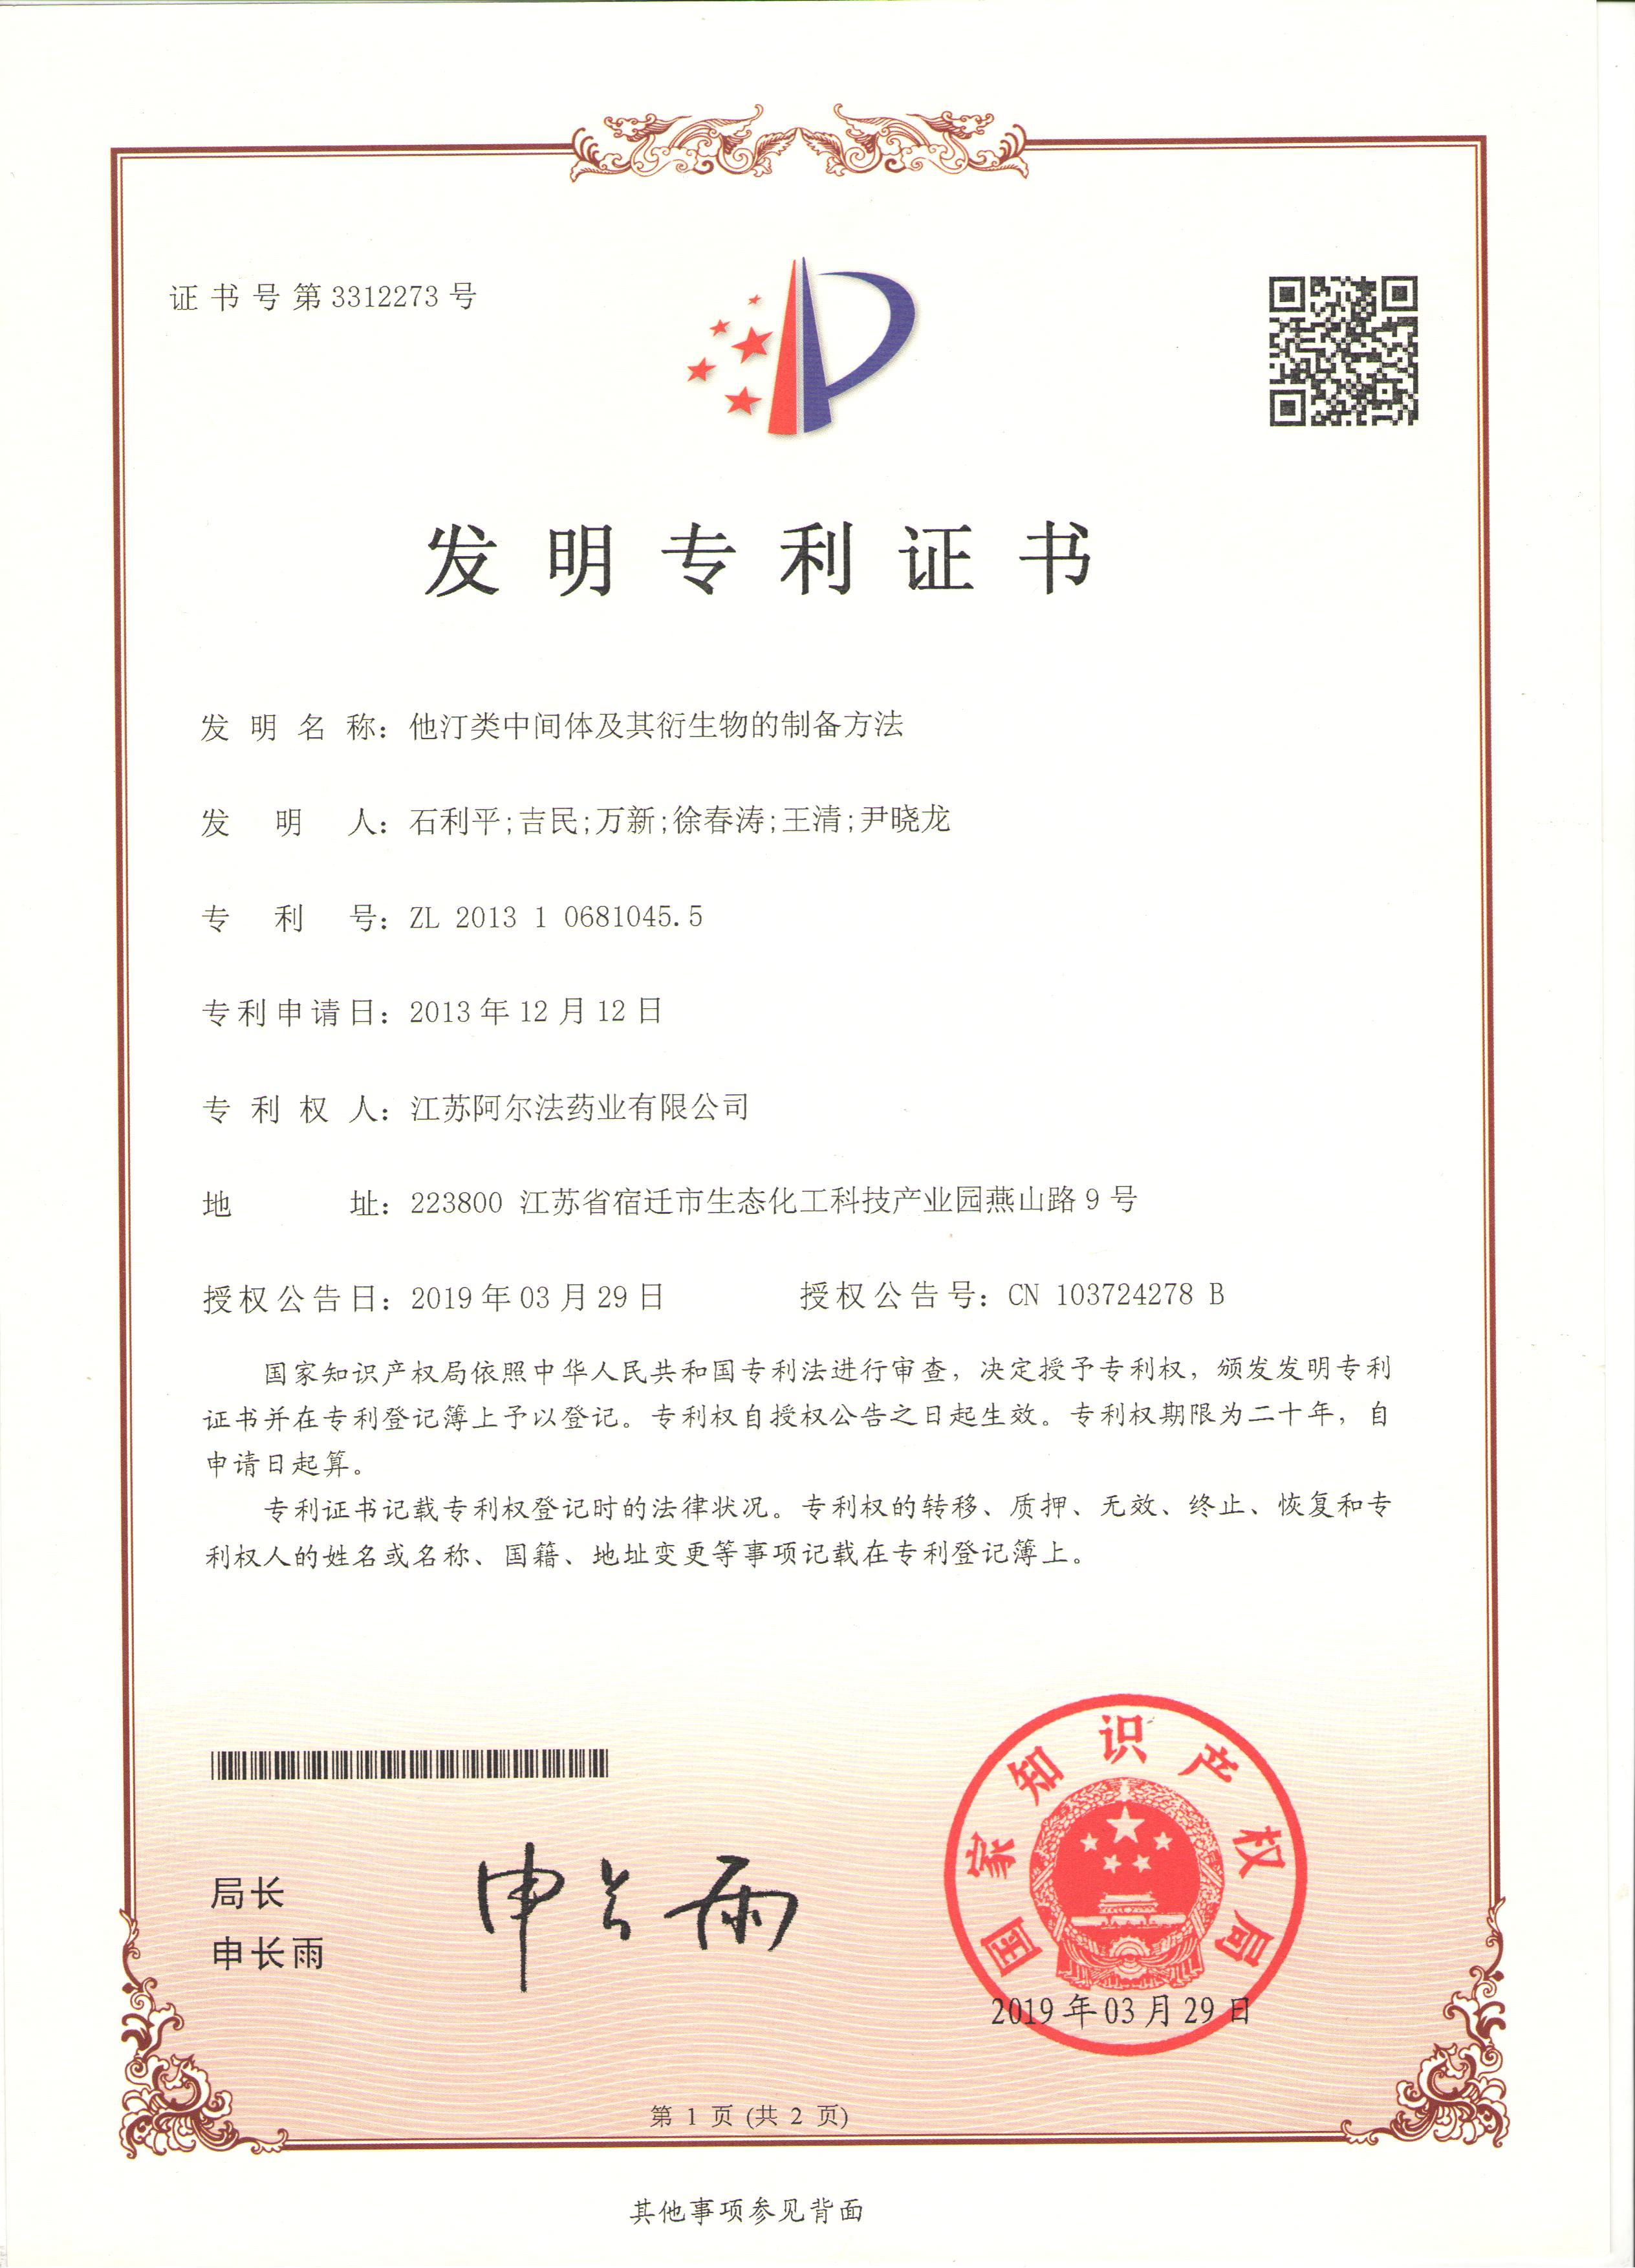 荣誉-专利-26.他汀类中间体及其衍生物的制备方法